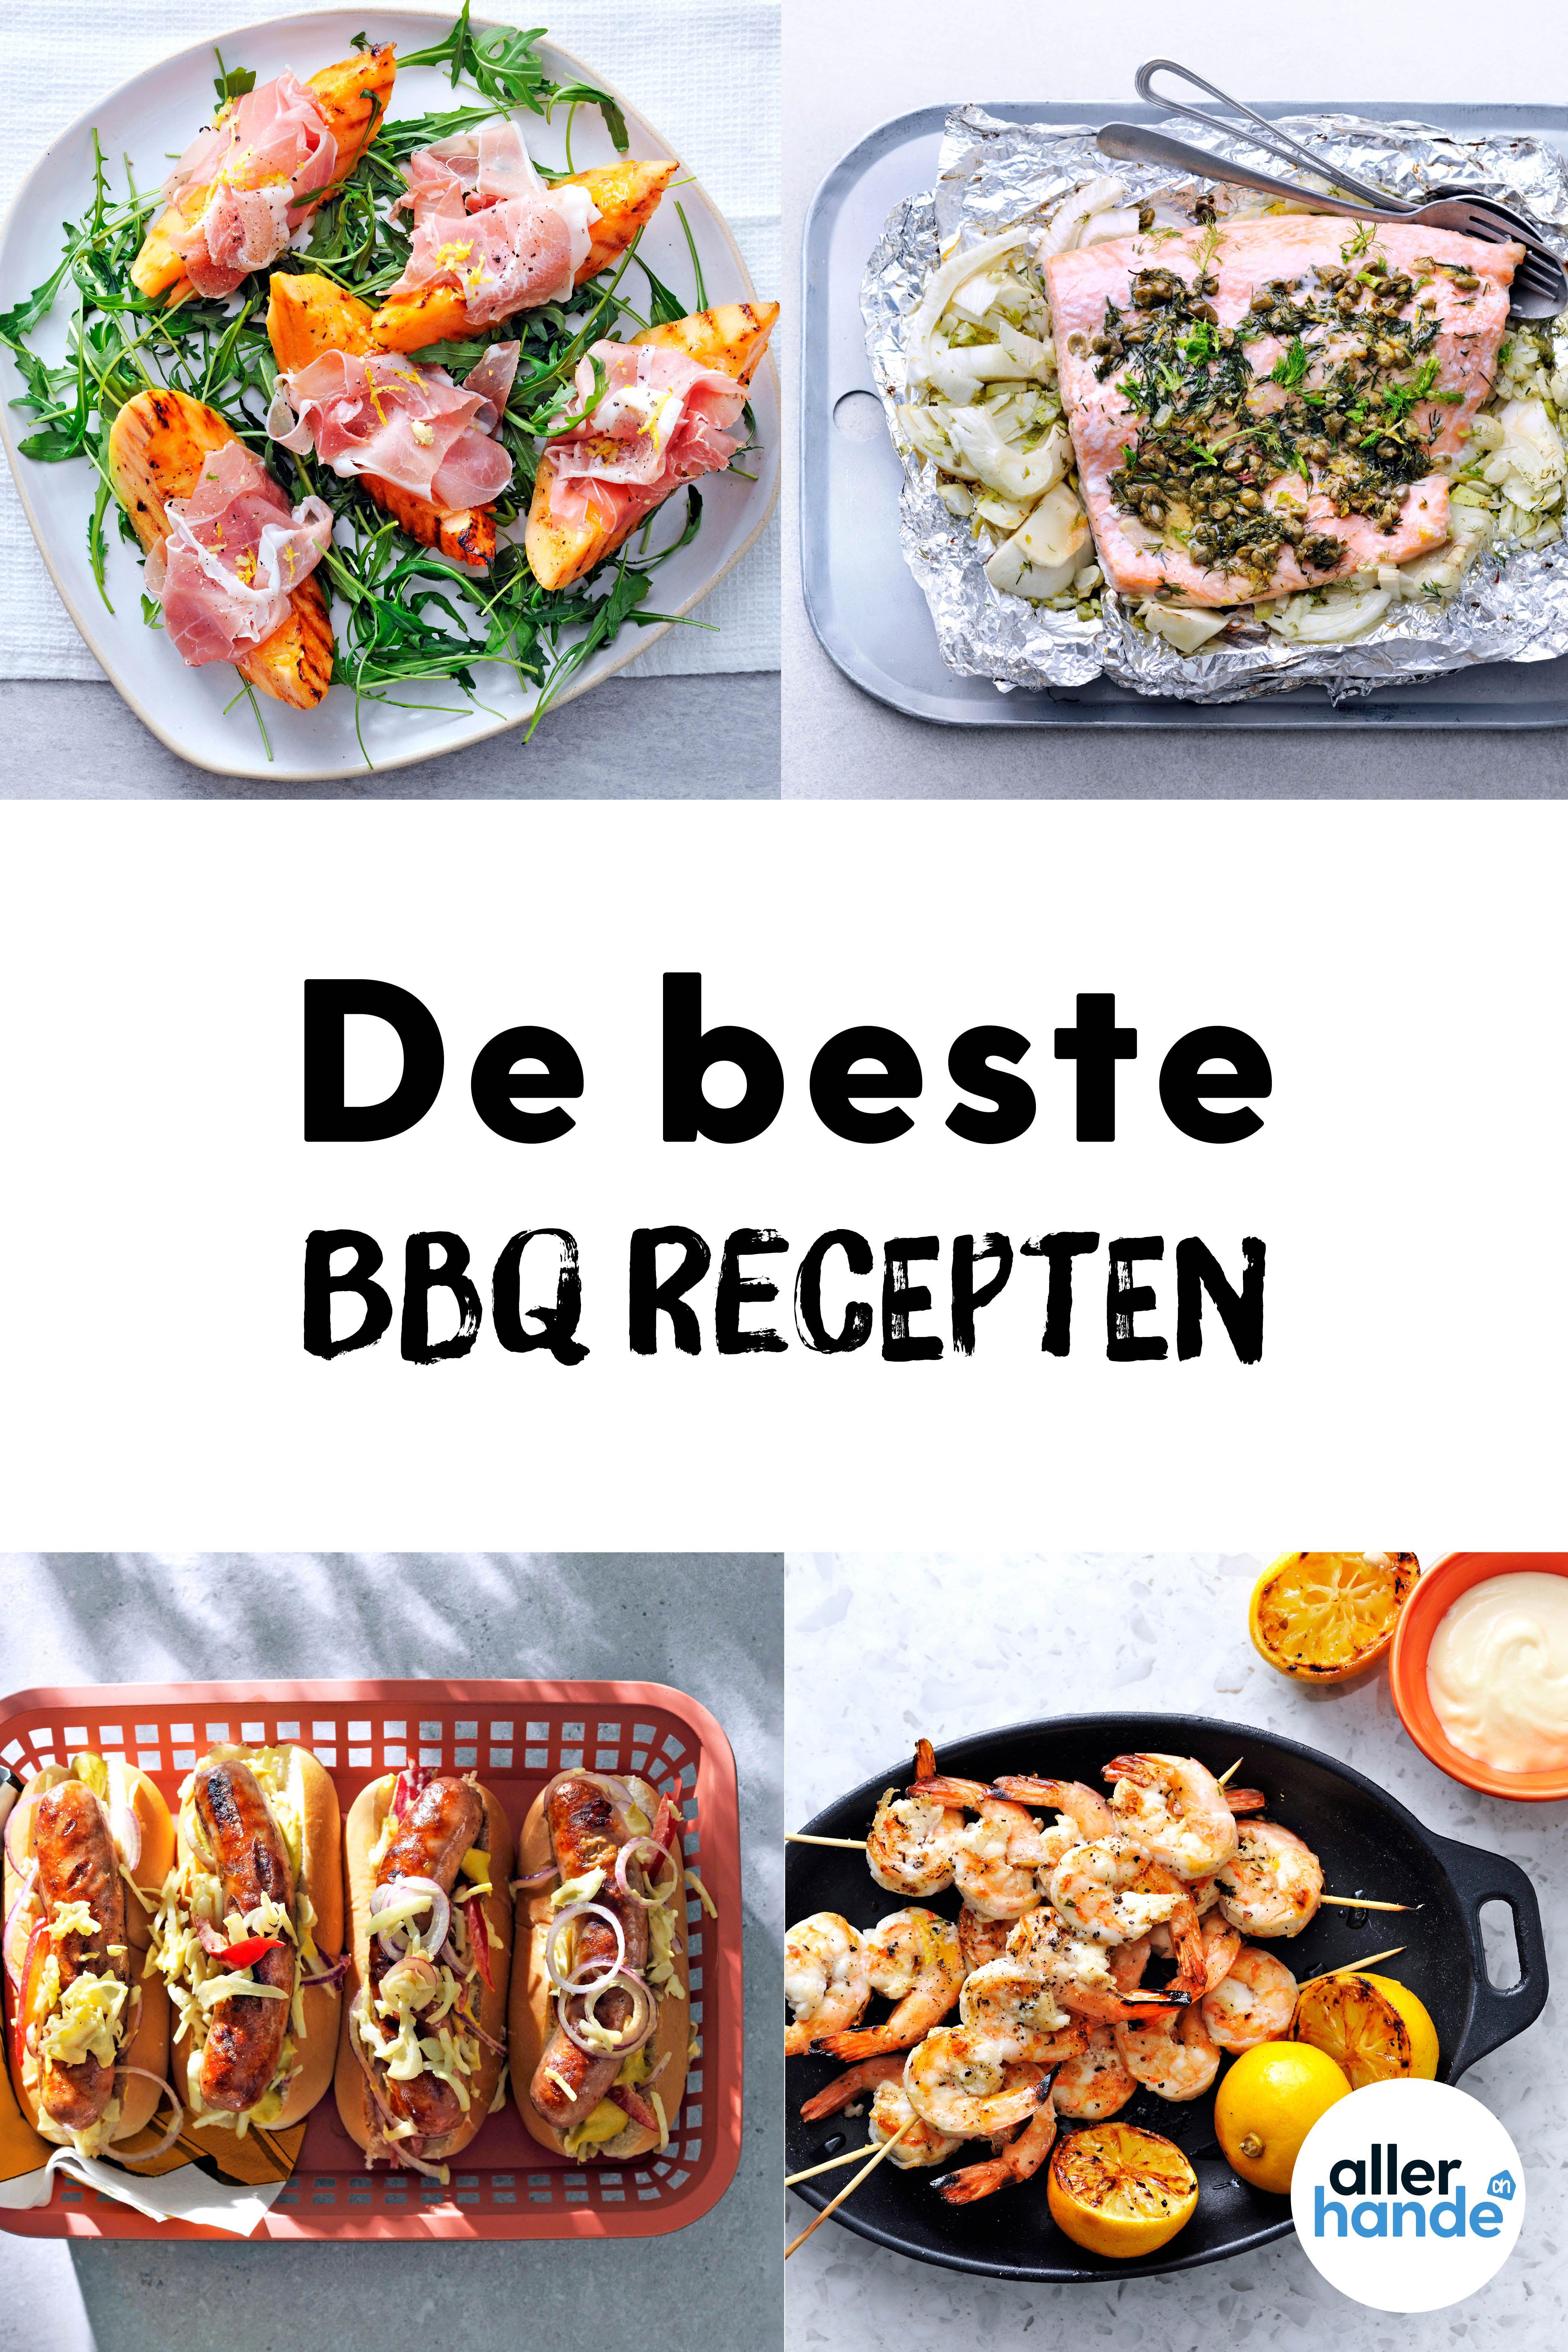 BBQ recepten   Populaire Allerhande recepten   Albert Heijn